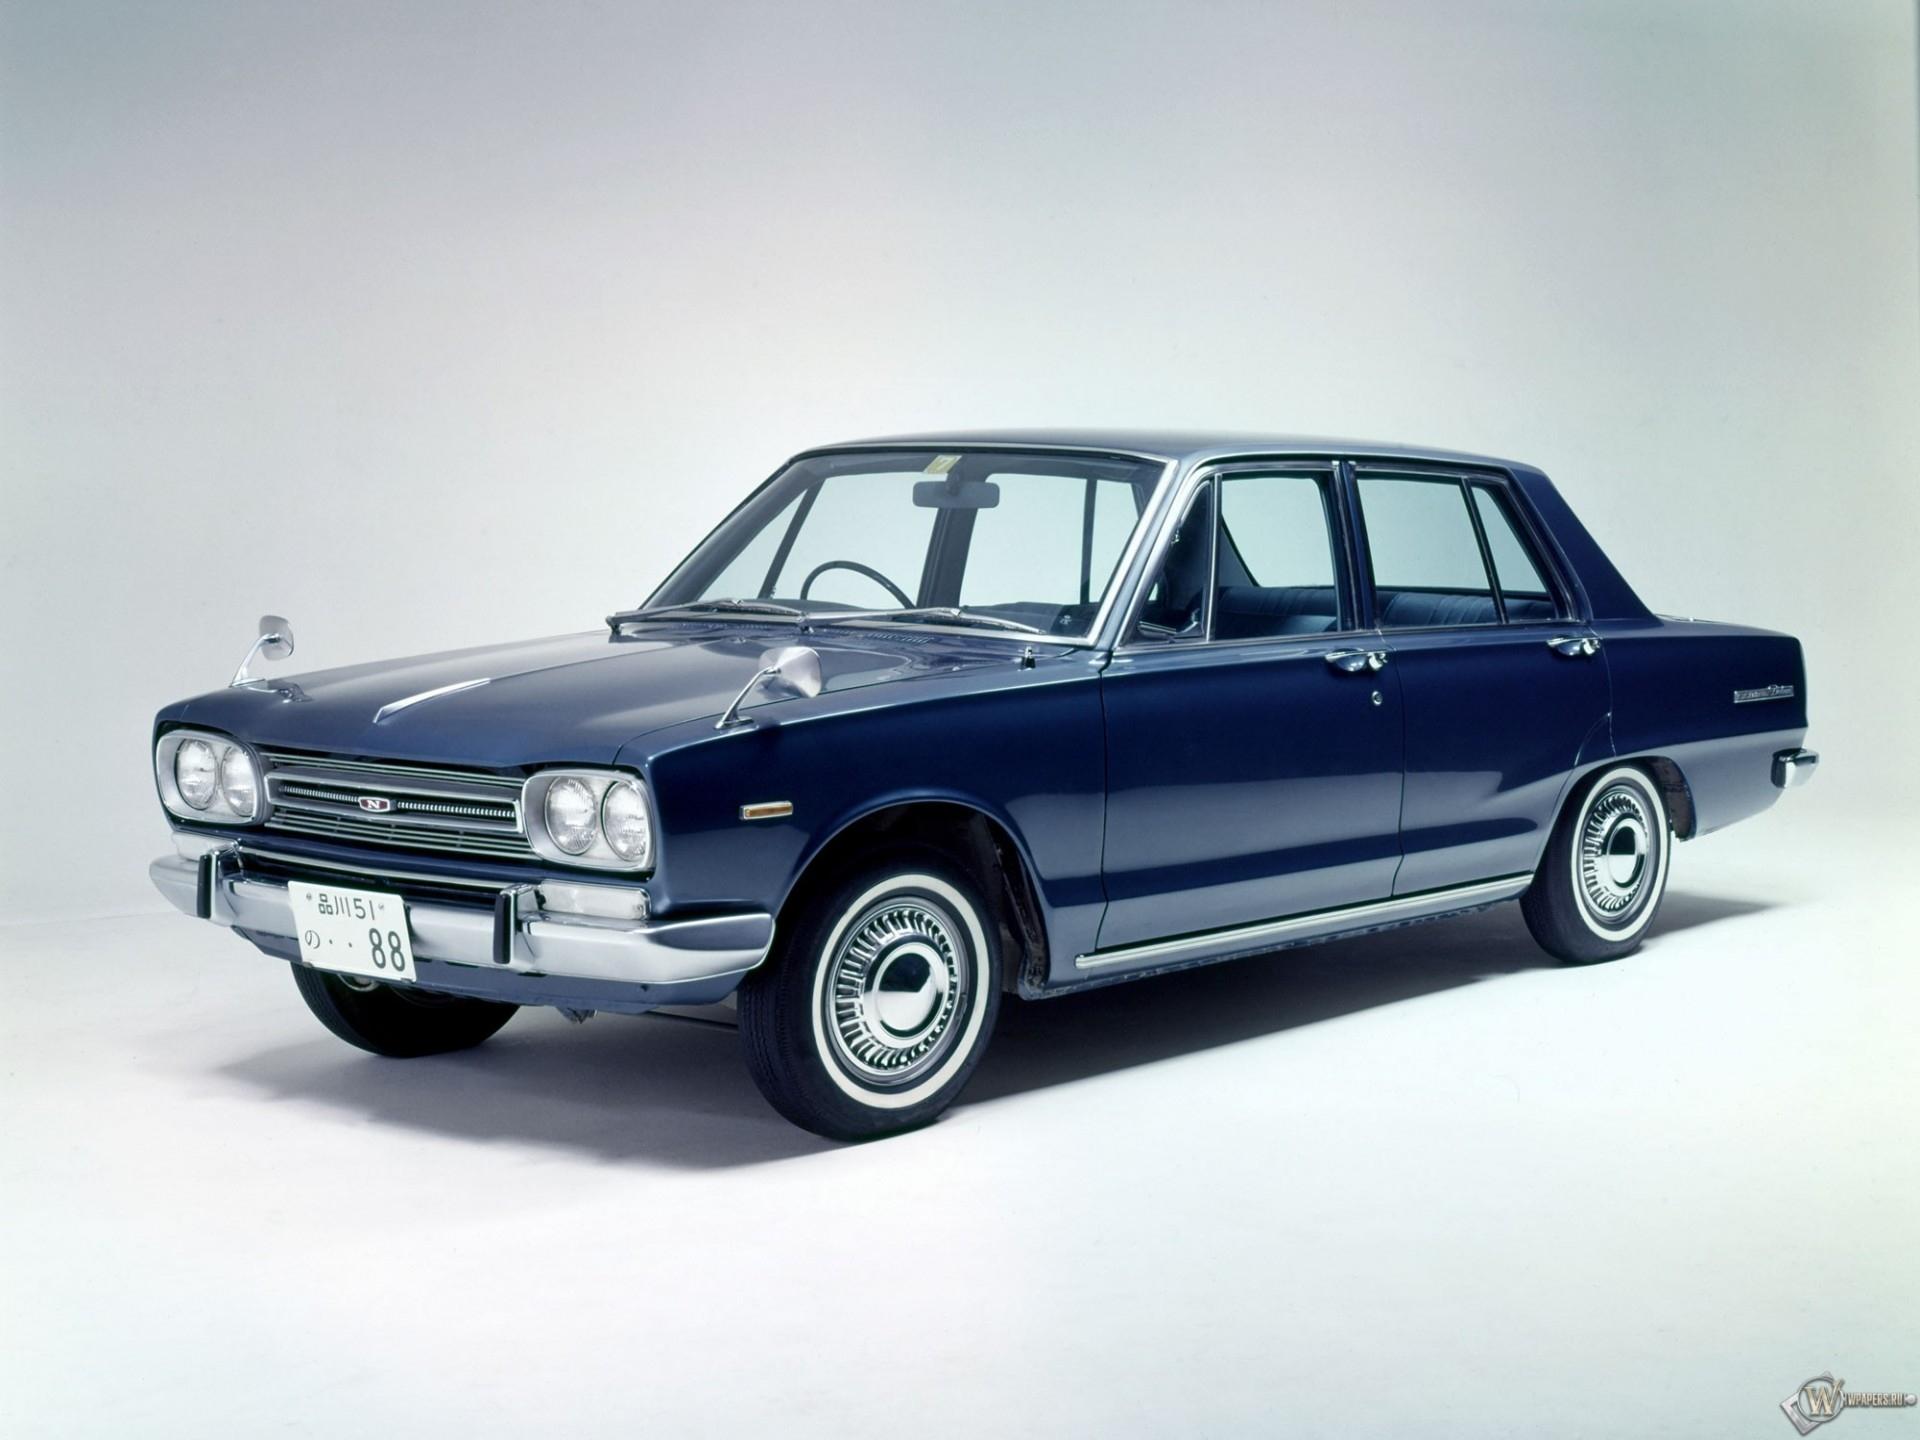 Nissan Skyline 1988 1920x1440